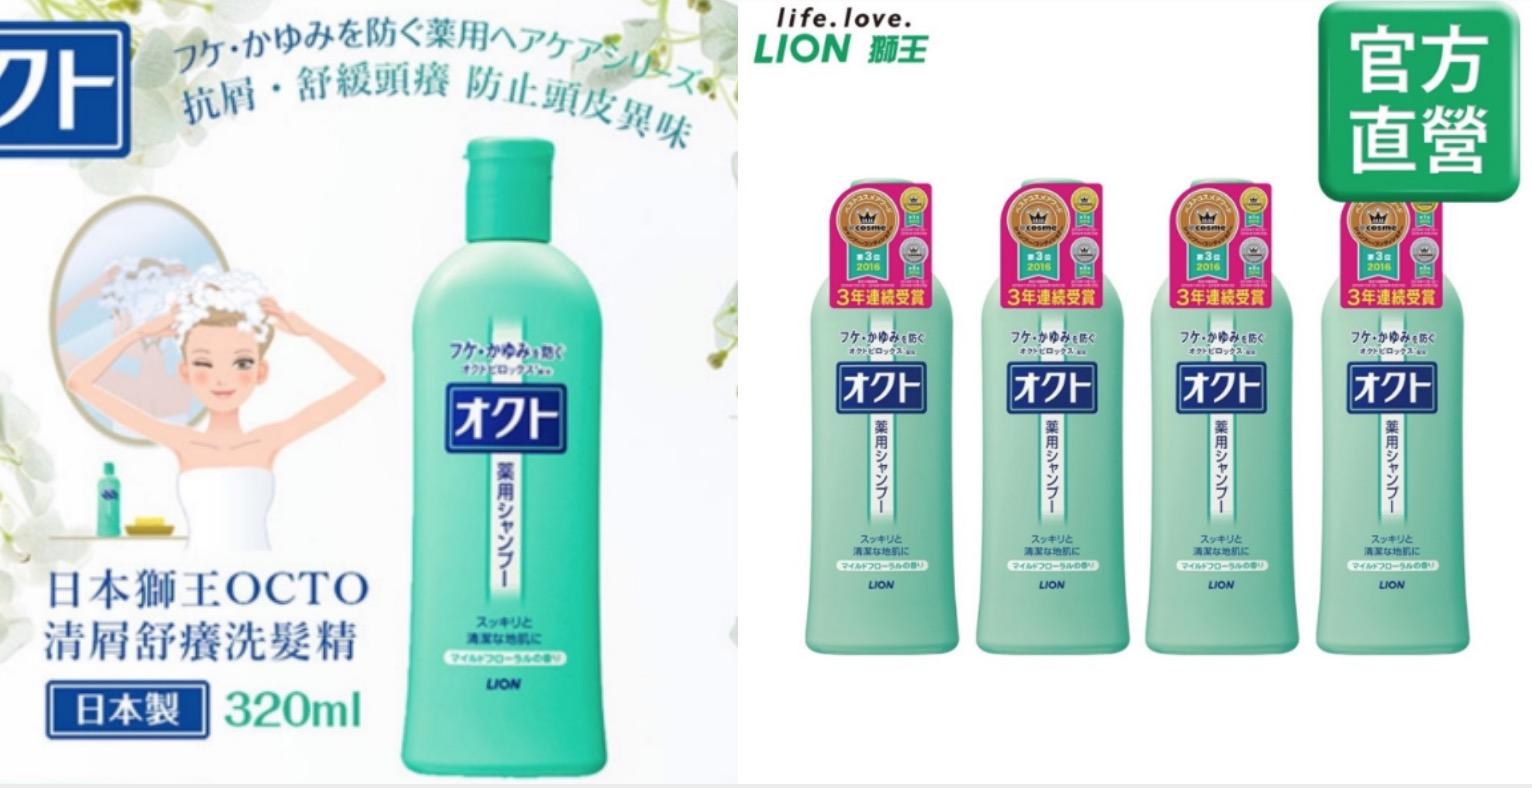 日本原裝進口,具有抗屑、舒緩頭癢、保濕滋潤的效果。日本網友表示能改善頭皮異味、頭皮屑困擾,對抗又油又塌的頭髮效果也很棒喔!